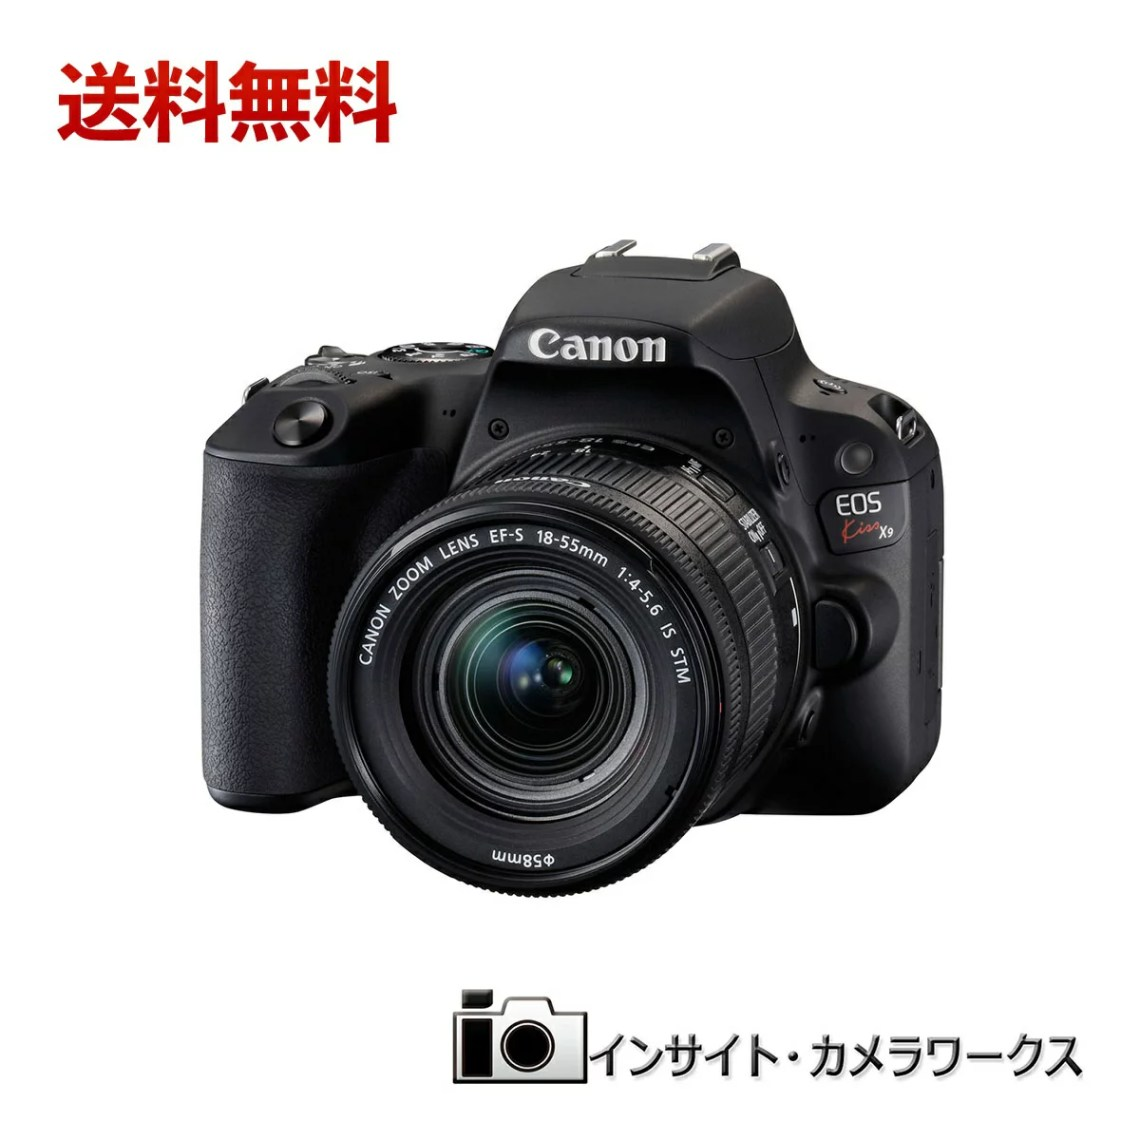 【特別価格】Canon デジタル一眼レフカメラ EOS KISS X9 EF-S18-55 IS S